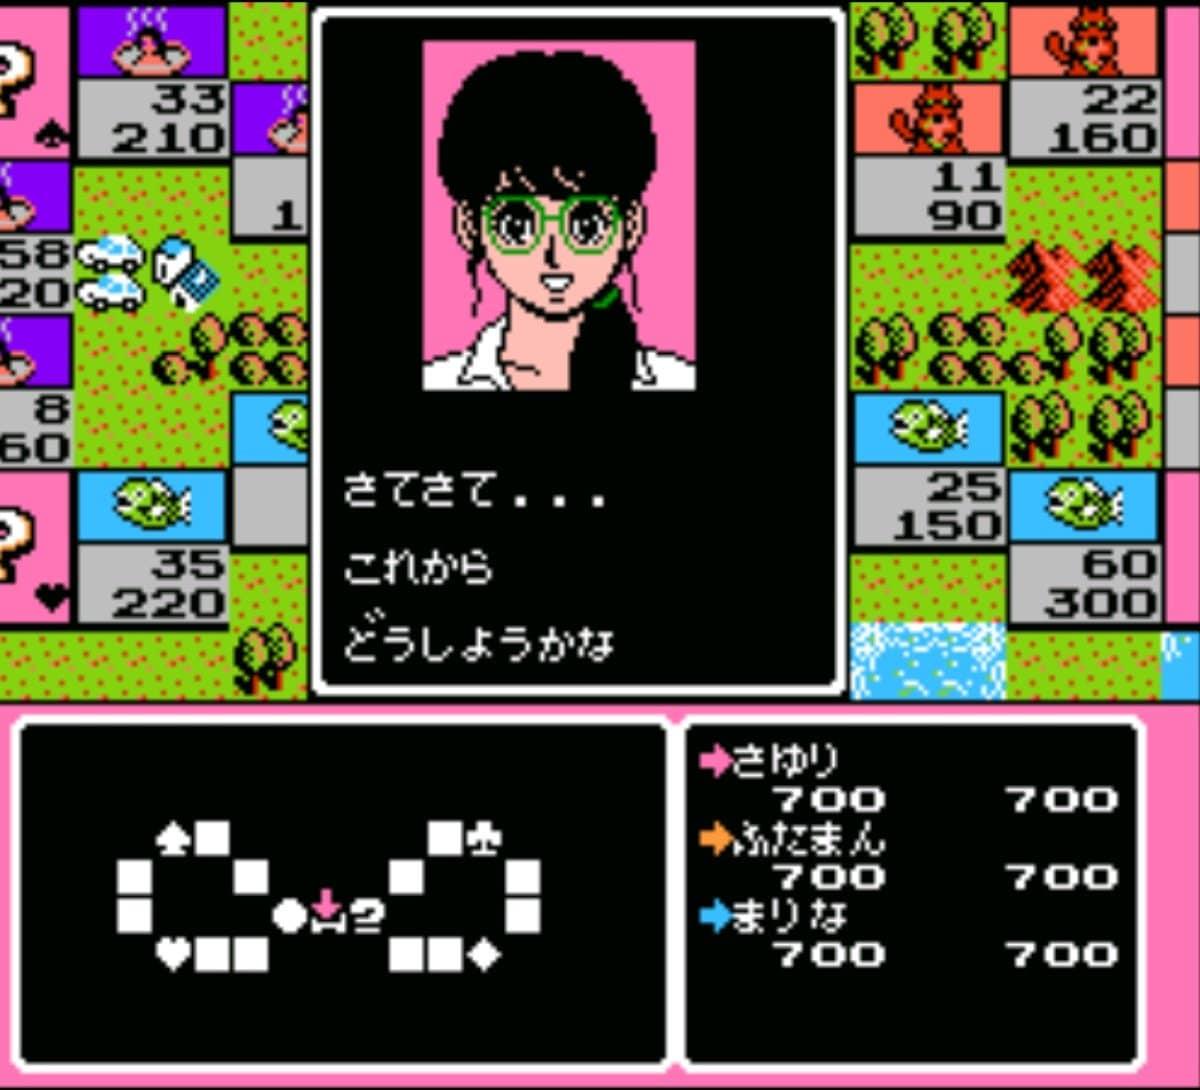 桃鉄だけじゃない、ファミコン芸人・フジタが選ぶみんながハマった「すごろくゲーム」といえばコレ!の画像007